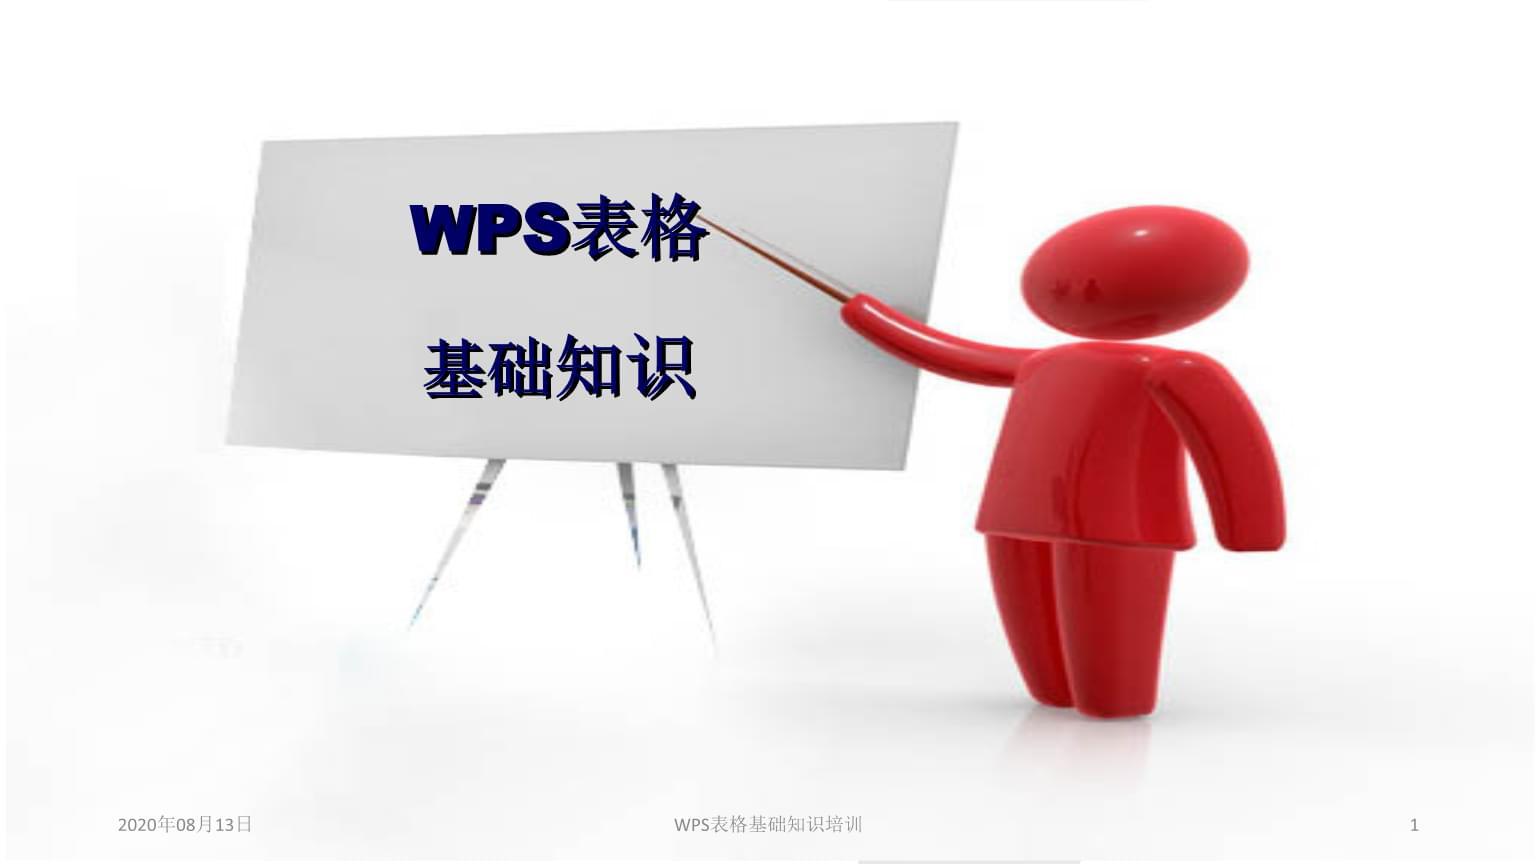 WPS表格基础知识培训讲义.ppt